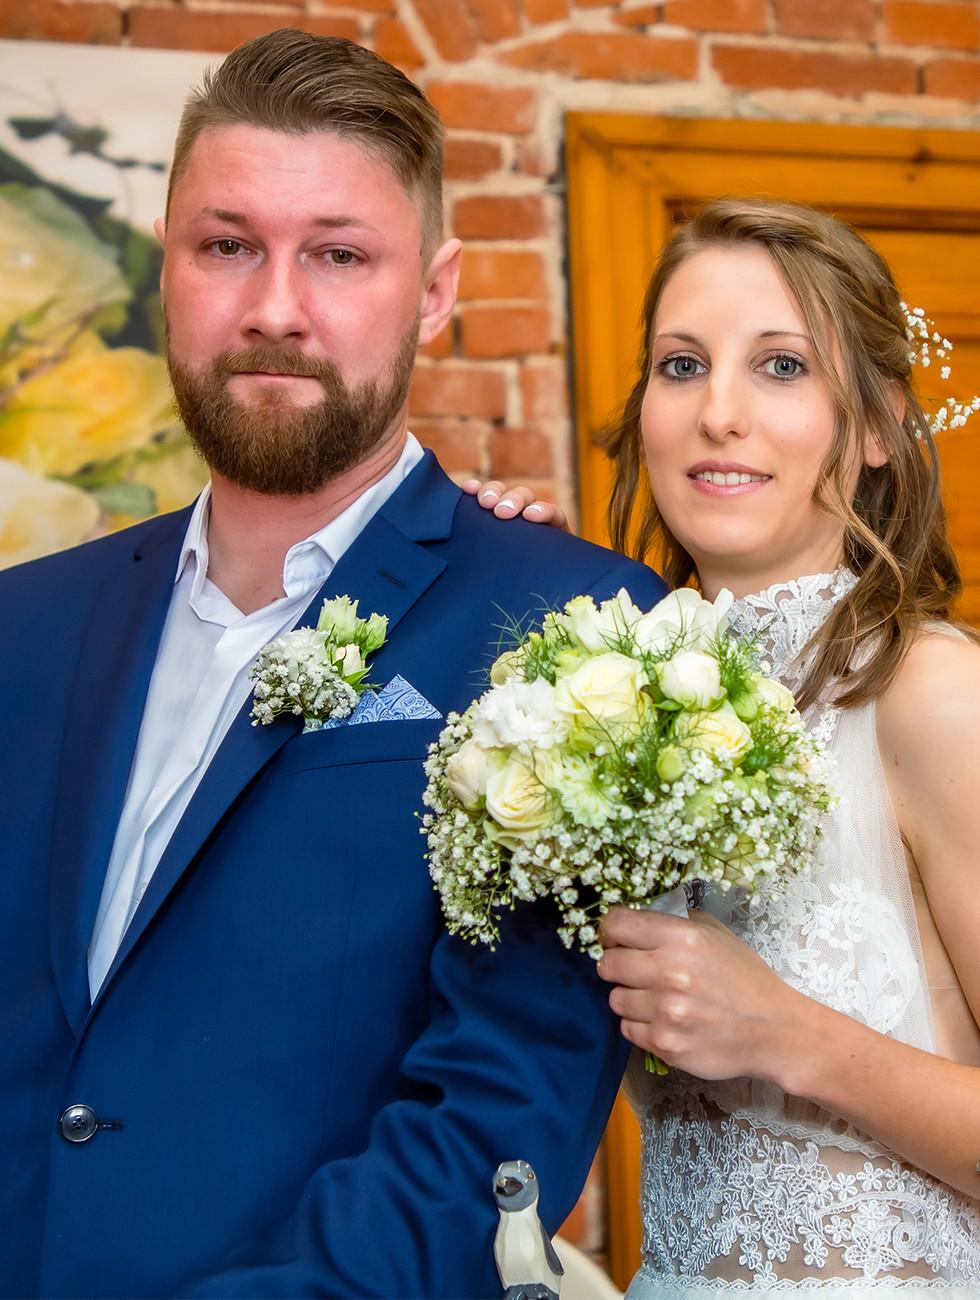 Brautpaar Standesamt Nord Rügen heiraten Leuchtturm Kap Arkona Rügen 3.jpg